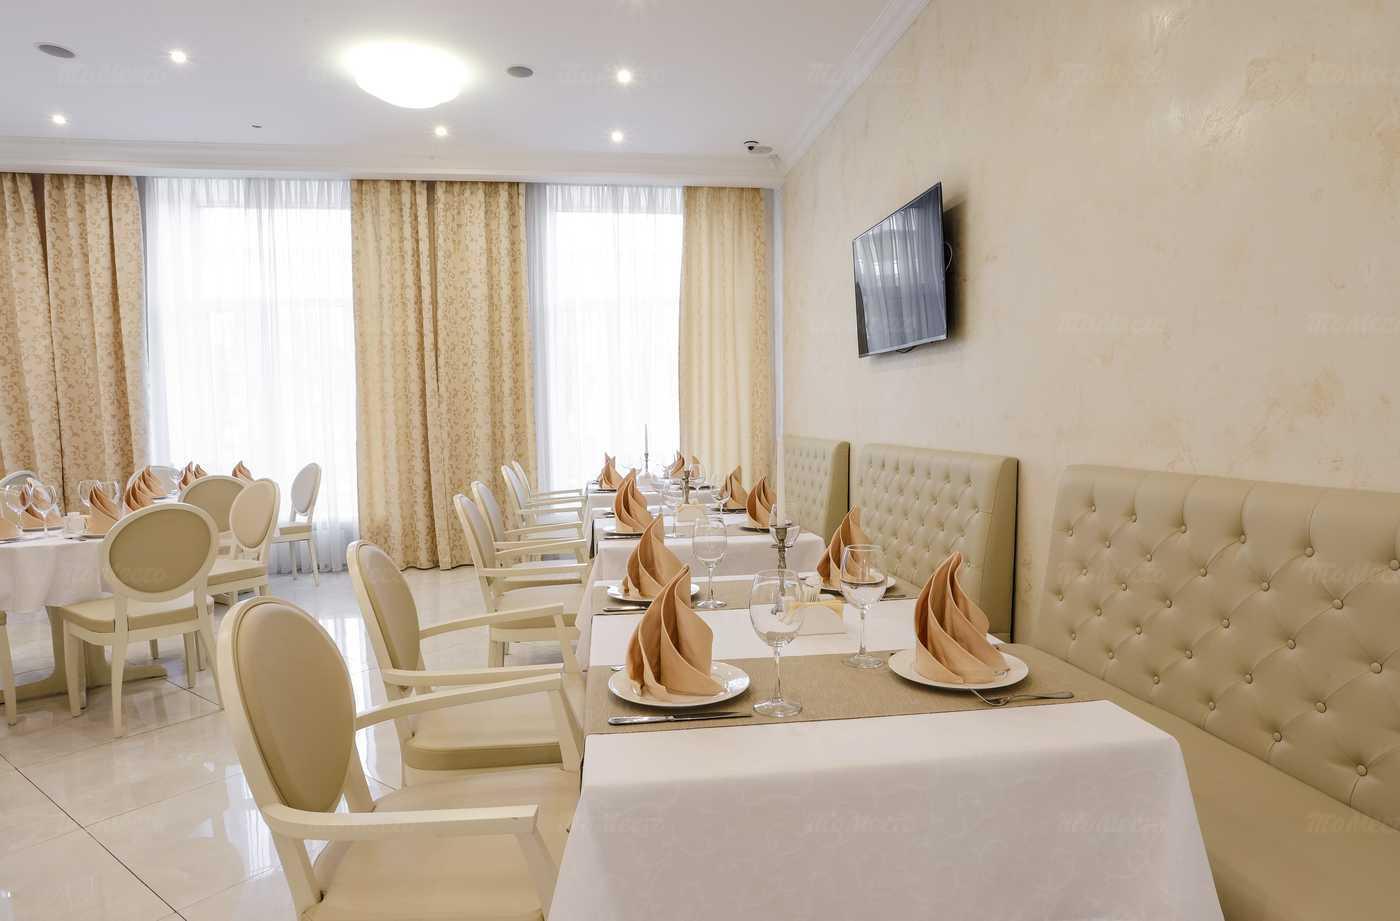 Ресторан Таволата на Лафонской фото 16